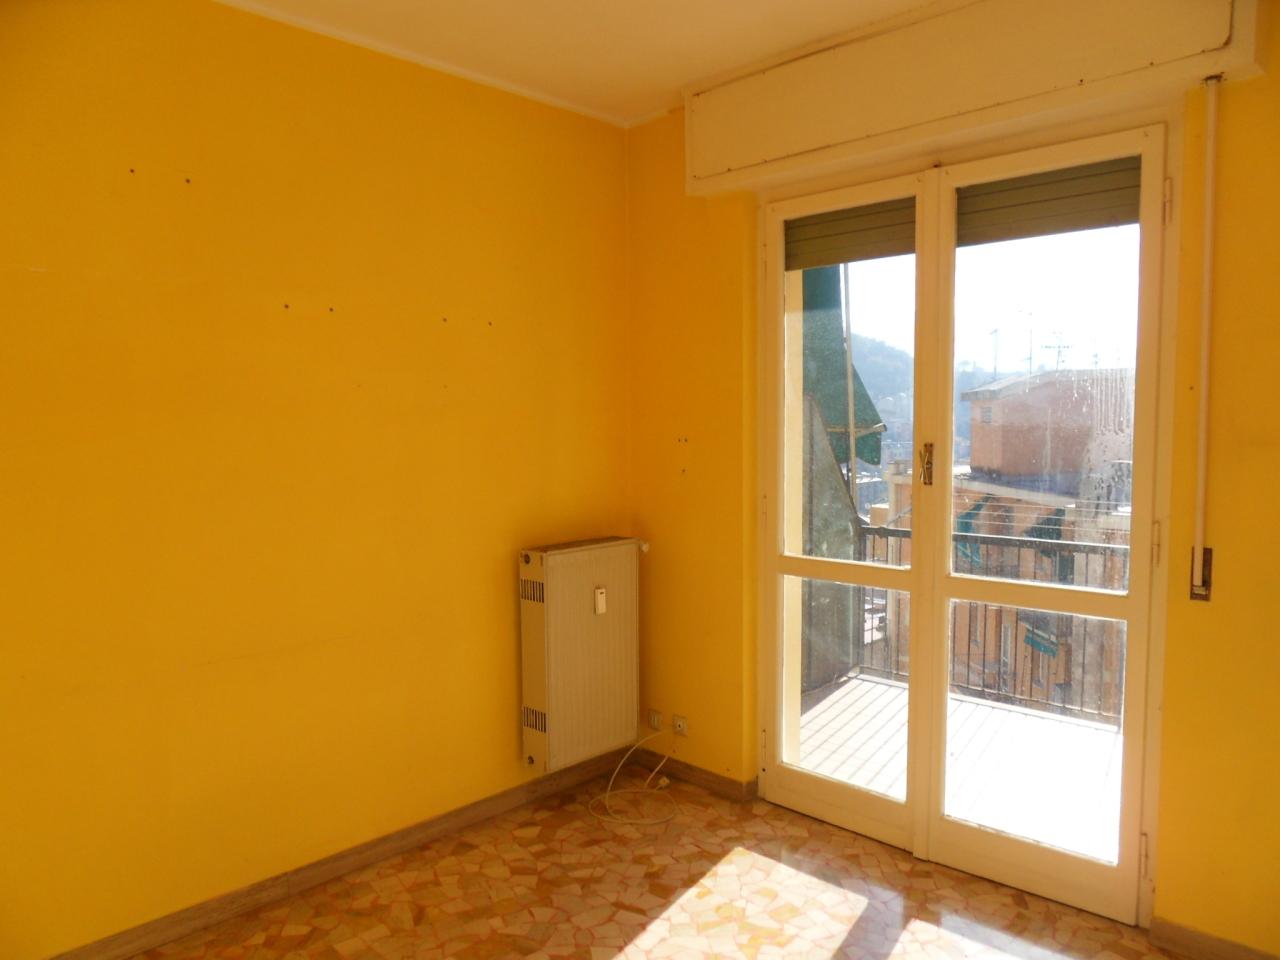 Appartamento in affitto a Recco, 5 locali, prezzo € 470 | CambioCasa.it